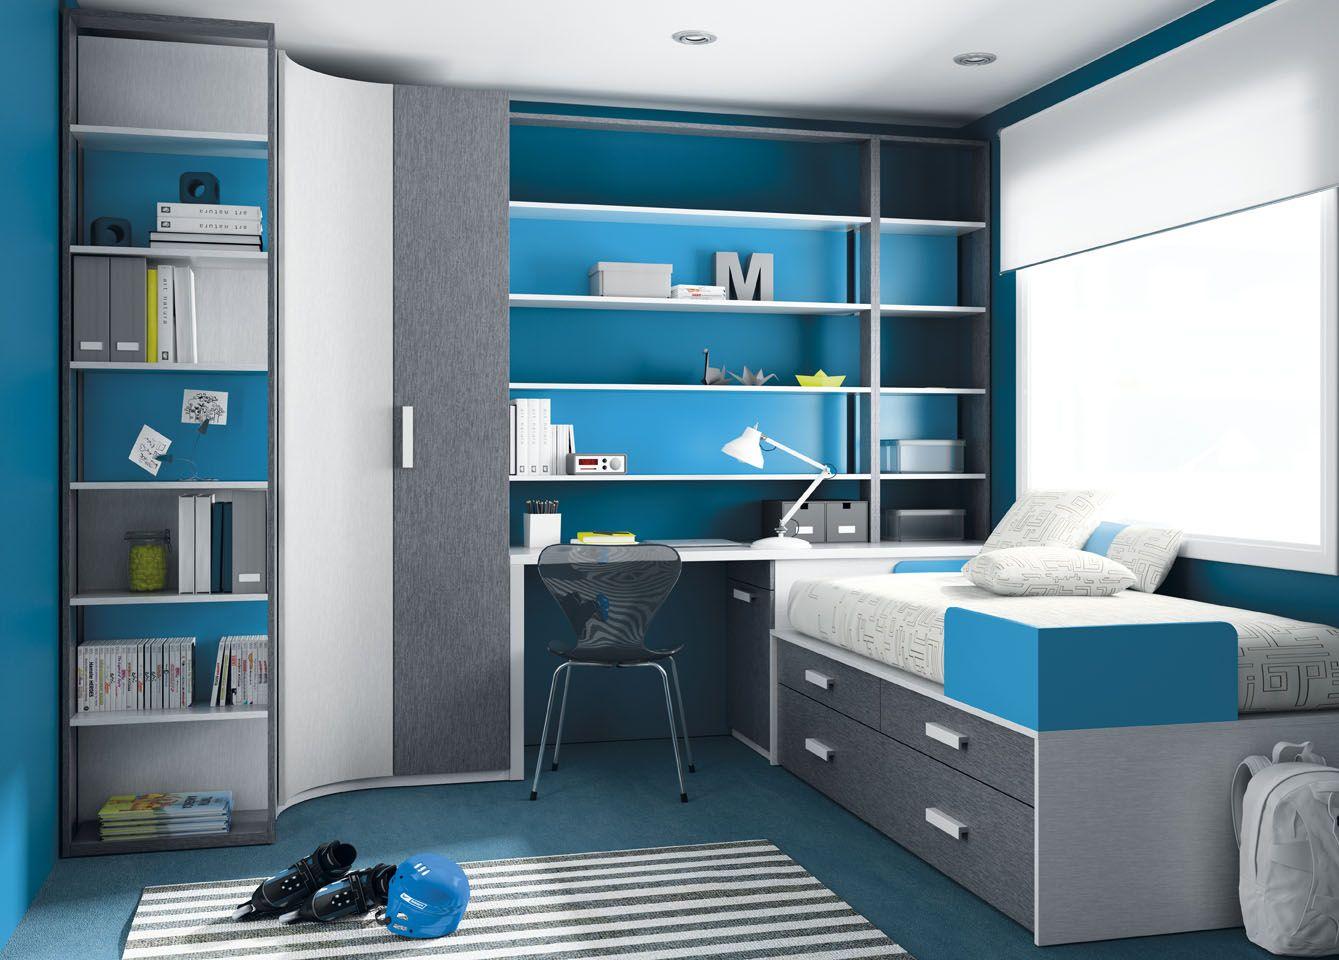 Dormitorio juvenilede muebles ros dormitorios juveniles - Muebles pedro alcaraz ...